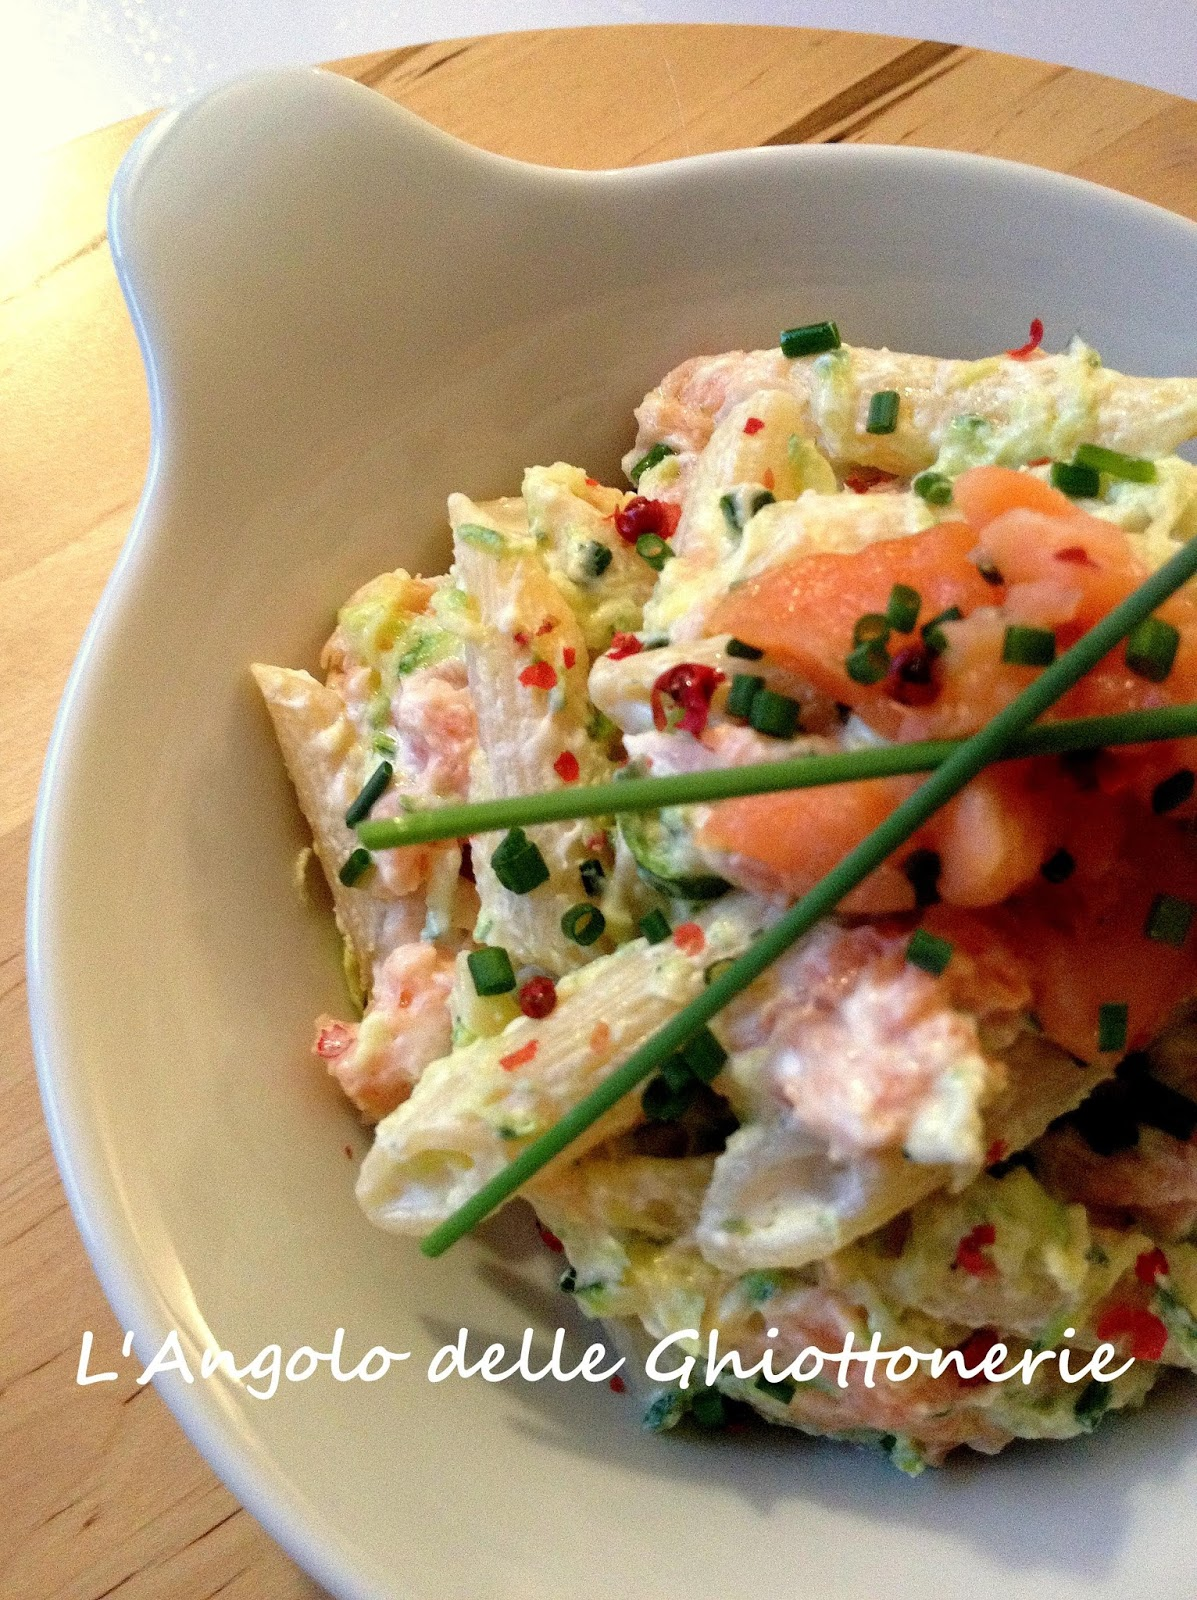 Souvent L'Angolo delle Ghiottonerie: Insalata di pasta con yogurt greco  FH07